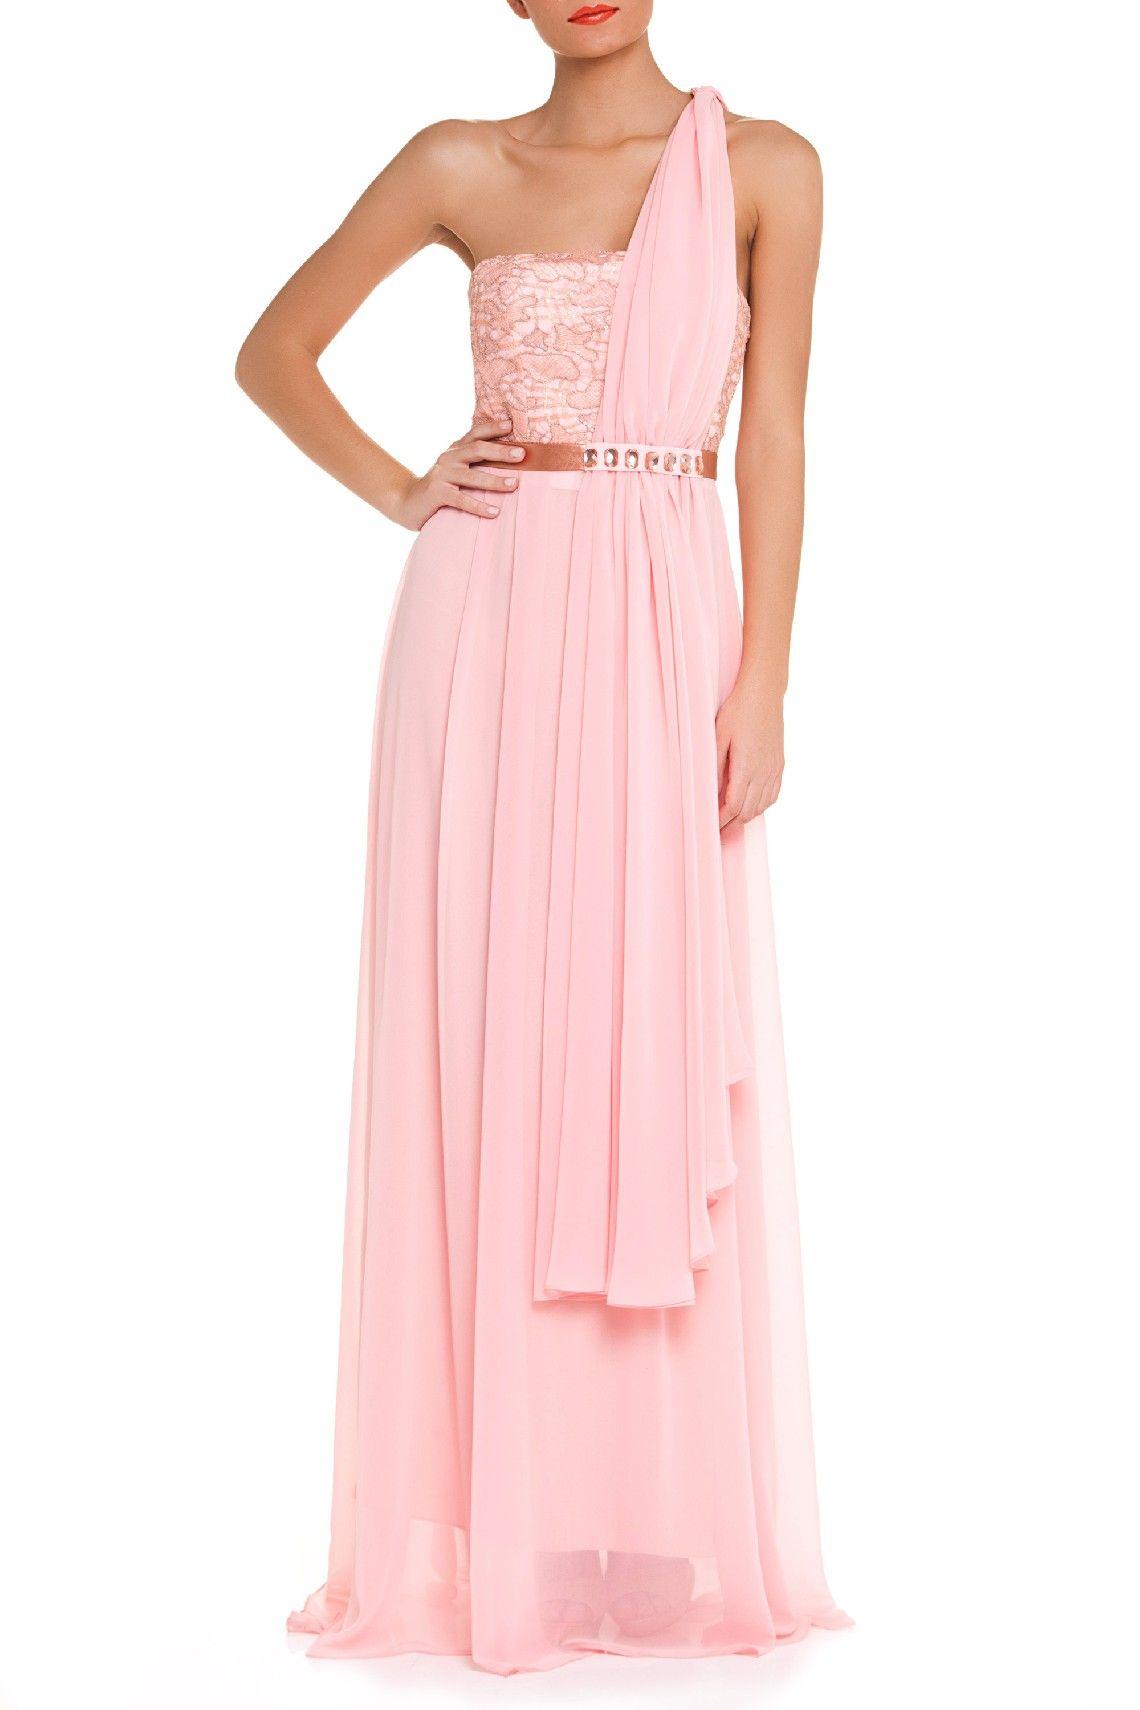 Vestido comprido, estilo grego 6213-8415 | Pinterest | Vestiditos